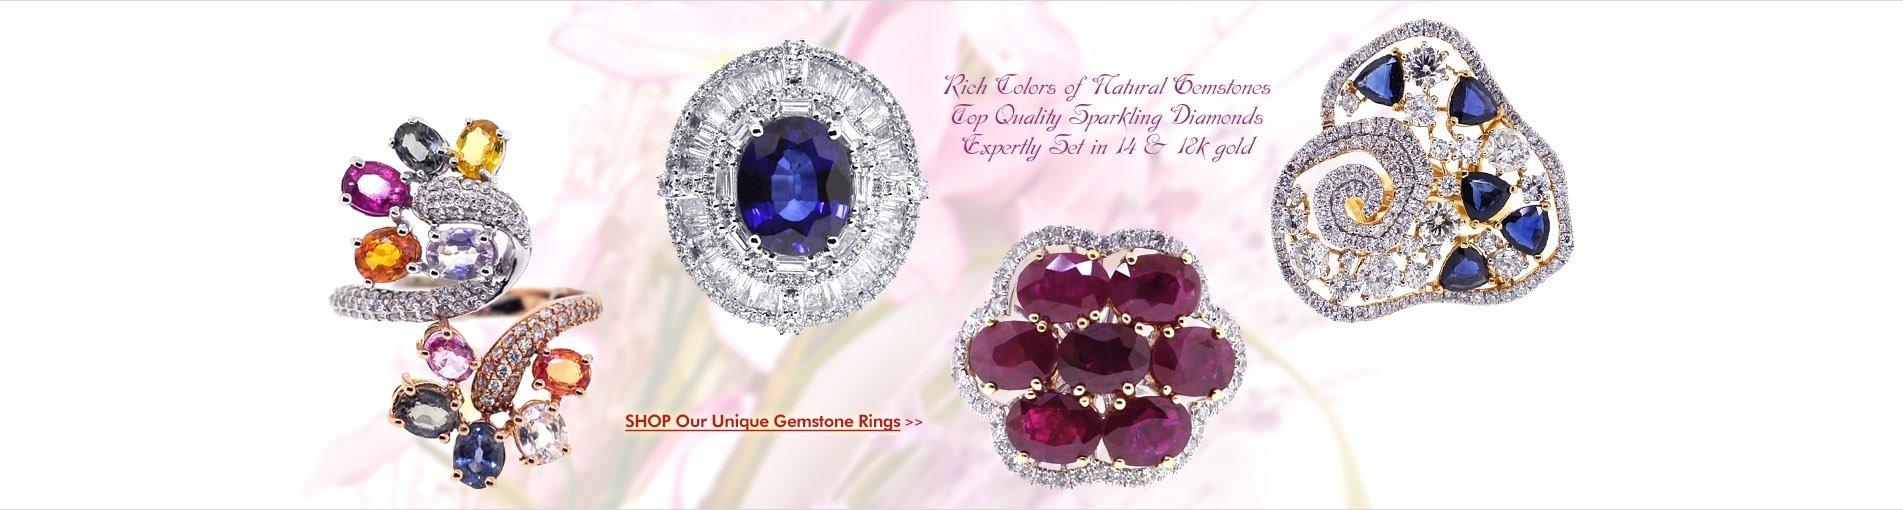 Shop Our Unique Gemstone Rings!